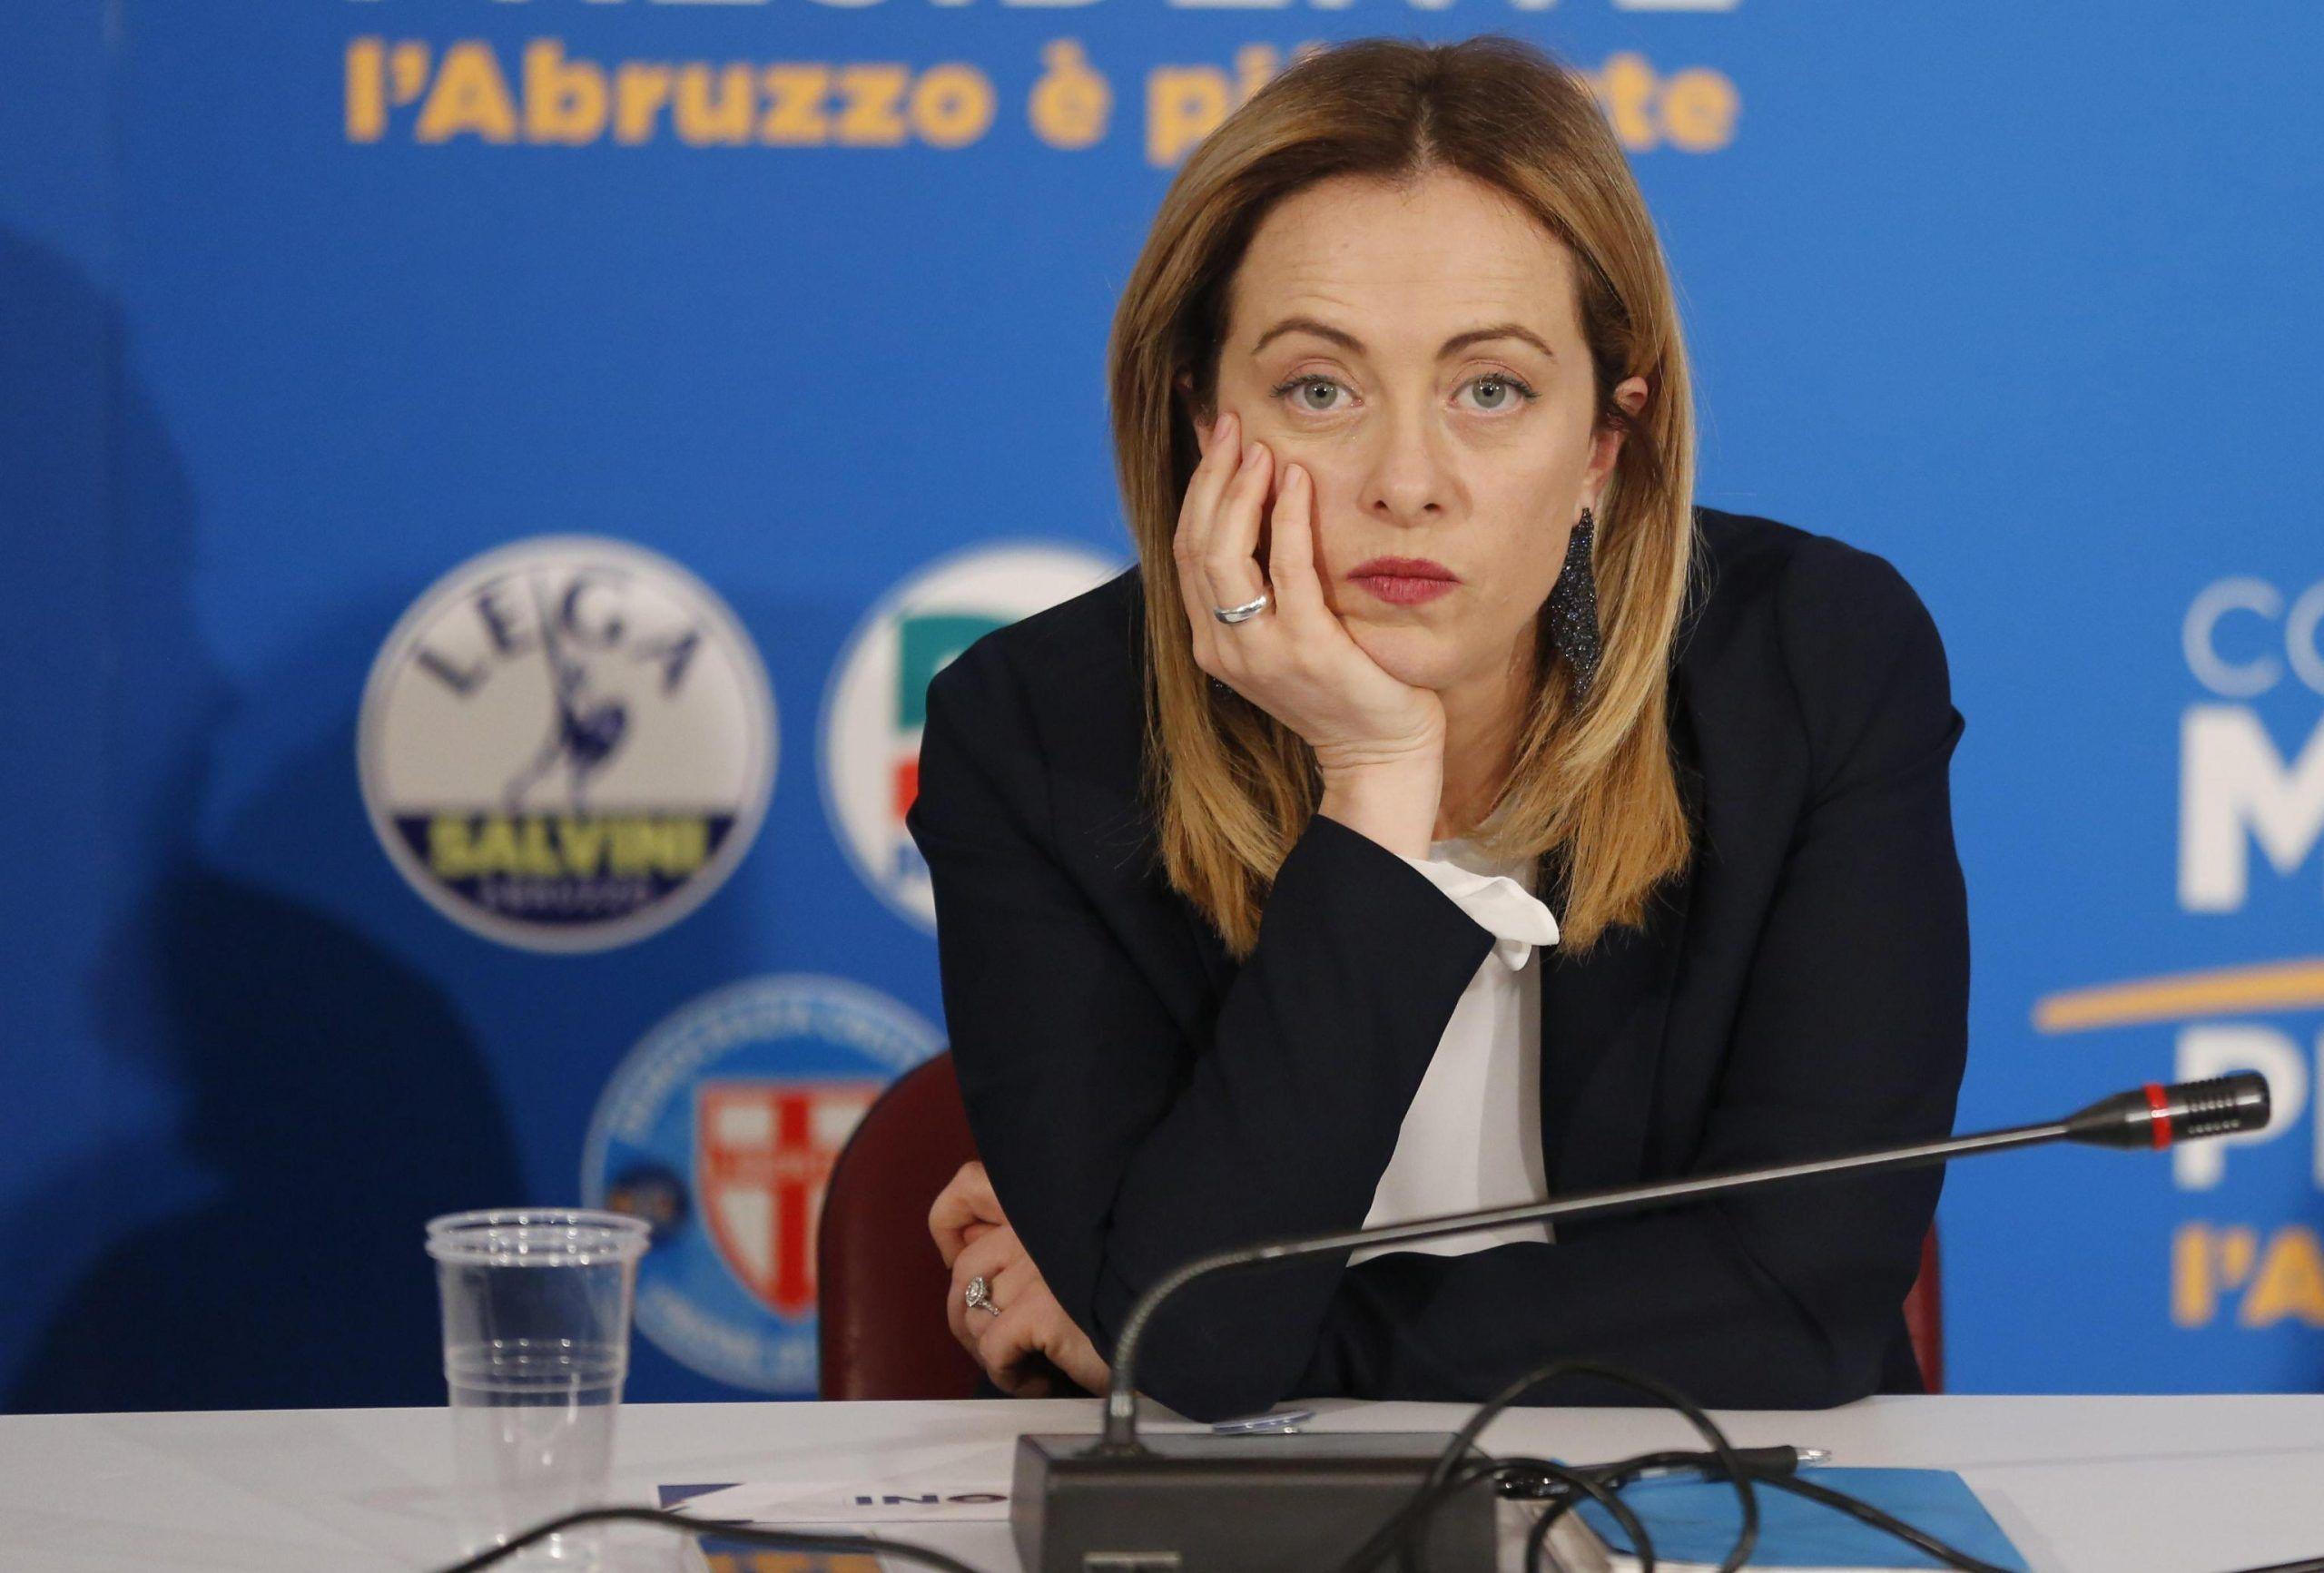 Giorgia Meloni bestemmia in diretta TV? Niente affatto